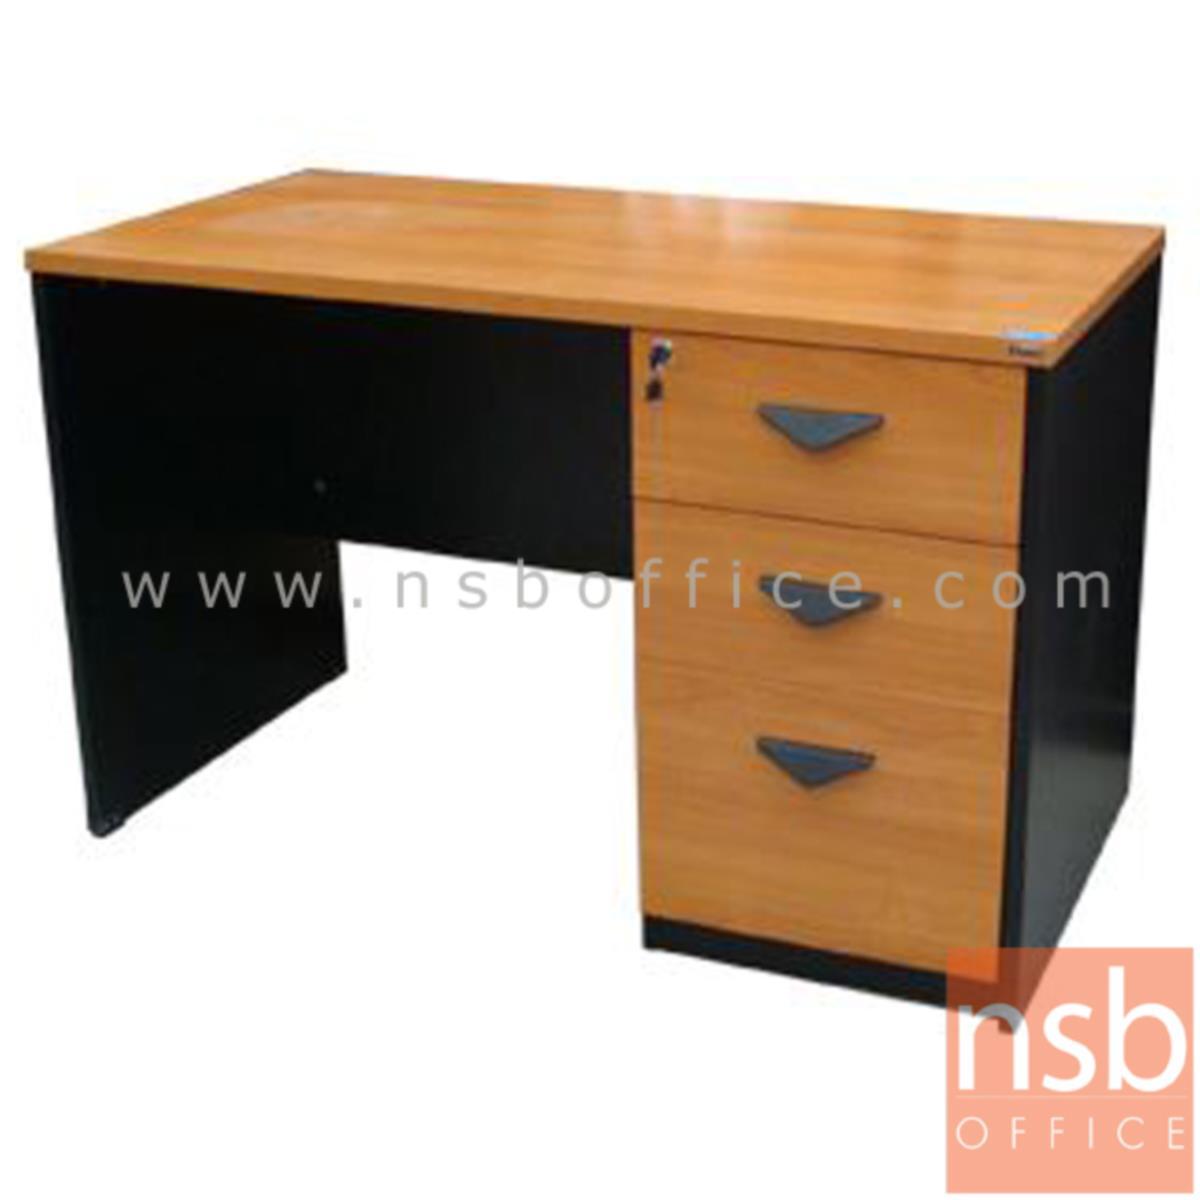 A16A037:โต๊ะทำงาน 3 ลิ้นชัก รุ่น Pierce (เพียซ) ขนาด 120W cm. เมลามีน